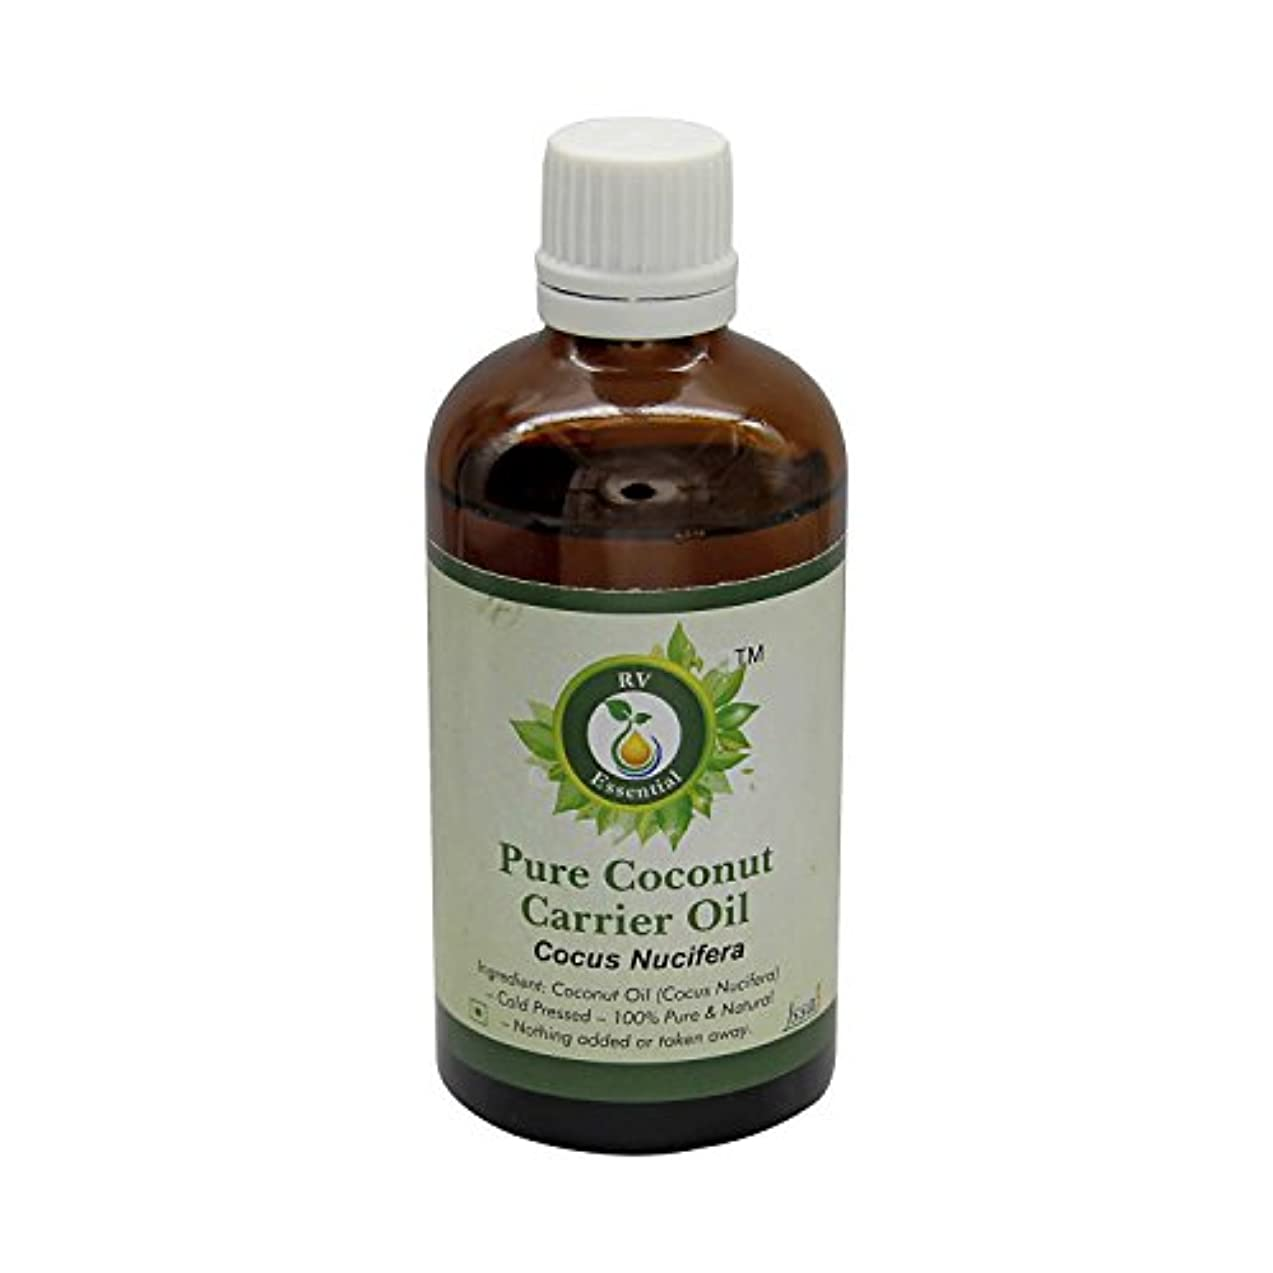 試みとげのある撤退R V Essential 純粋なココナッツキャリアオイル5ml (0.169oz)- Cocus Nucifera (100%ピュア&ナチュラルコールドPressed) Pure Coconut Carrier Oil